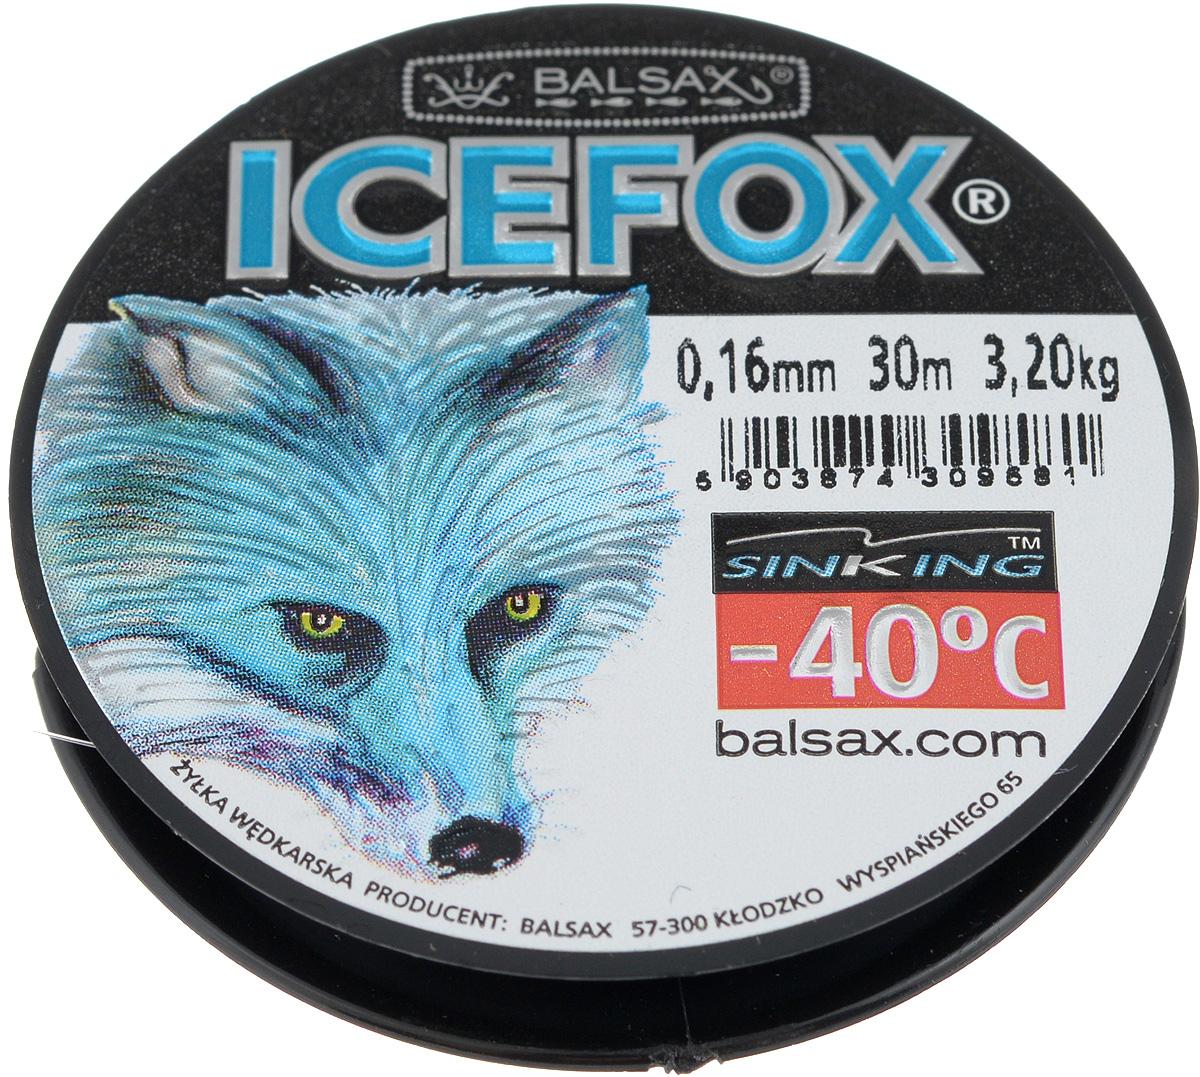 Леска зимняя Balsax Ice Fox, 30 м, 0,16 мм, 3,2 кг310-07016Леска Balsax Ice Fox изготовлена из 100% нейлона и очень хорошо выдерживает низкие температуры. Даже в самом холодном климате, при температуре вплоть до -40°C, она сохраняет свои свойства практически без изменений, в то время как традиционные лески становятся менее эластичными и теряют прочность. Поверхность лески обработана таким образом, что она не обмерзает и отлично подходит для подледного лова. Прочна в местах вязки узлов даже при минимальном диаметре.